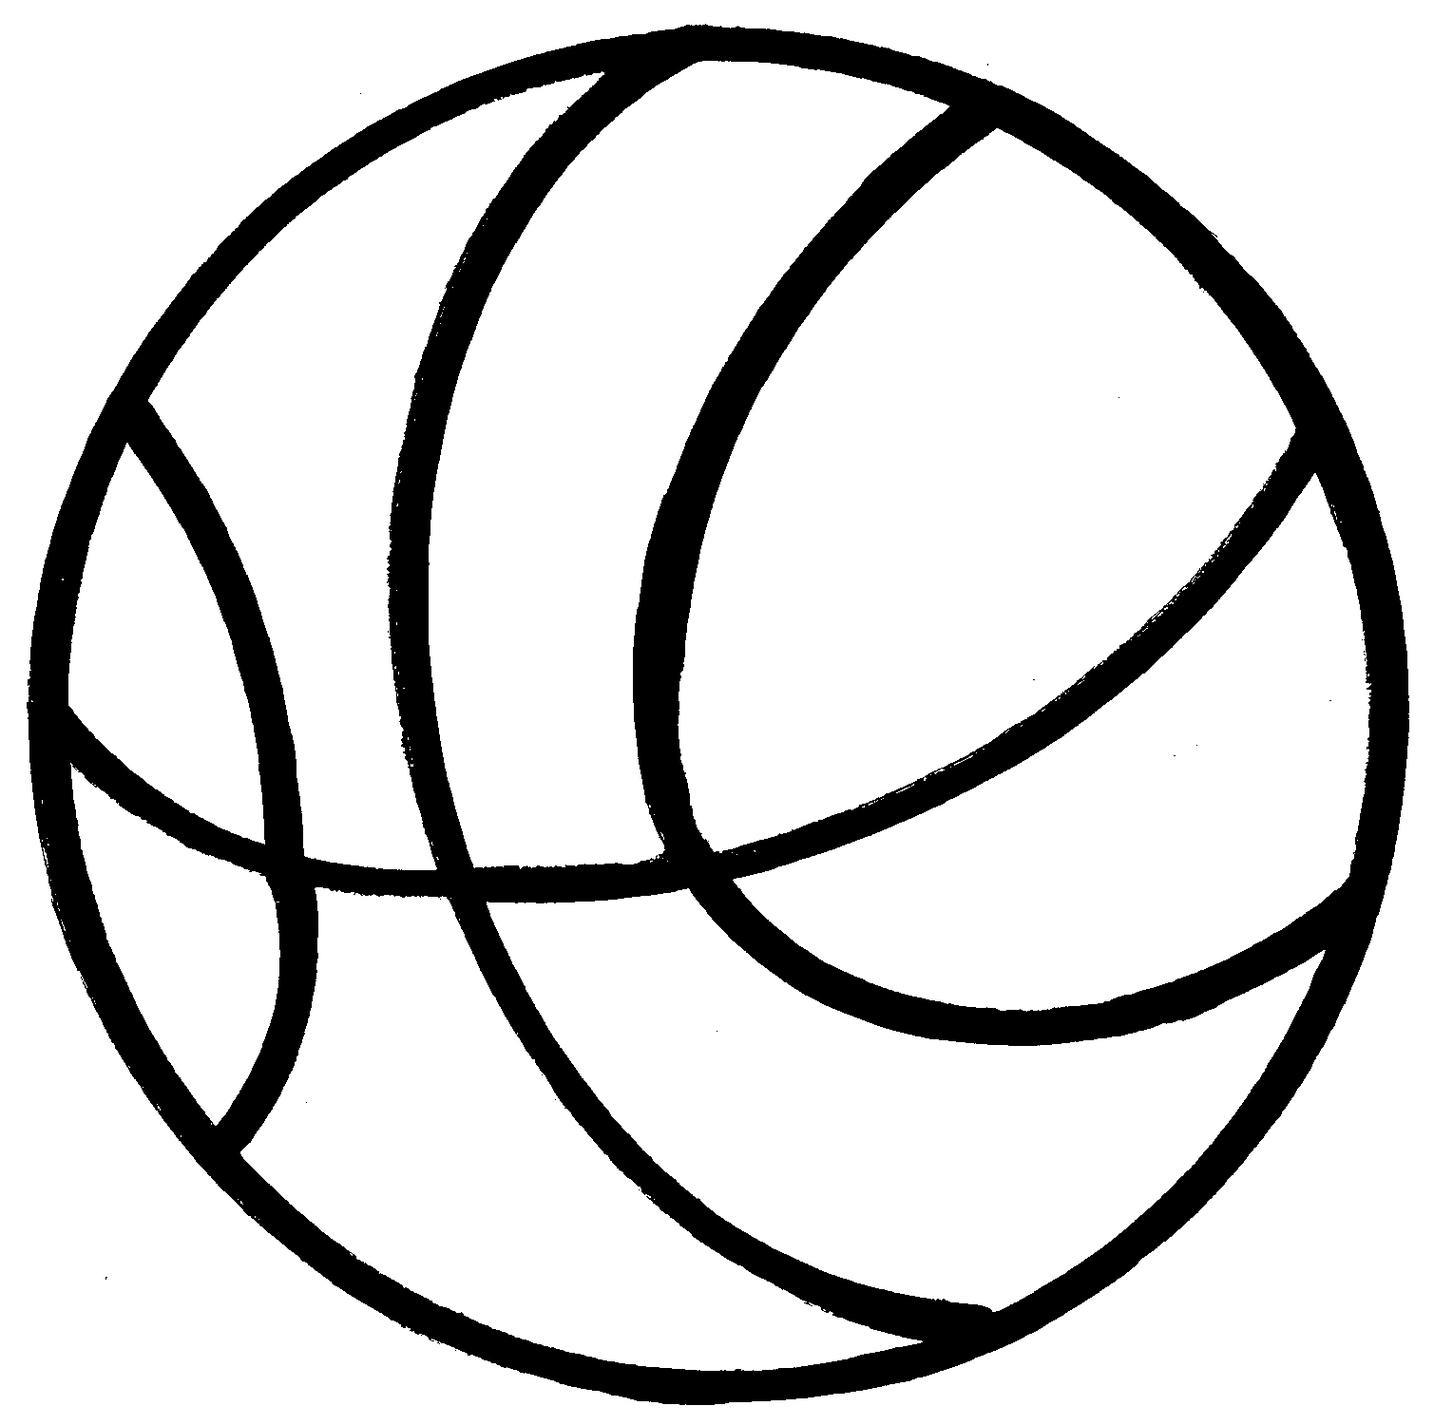 Basketball ball clipart #7